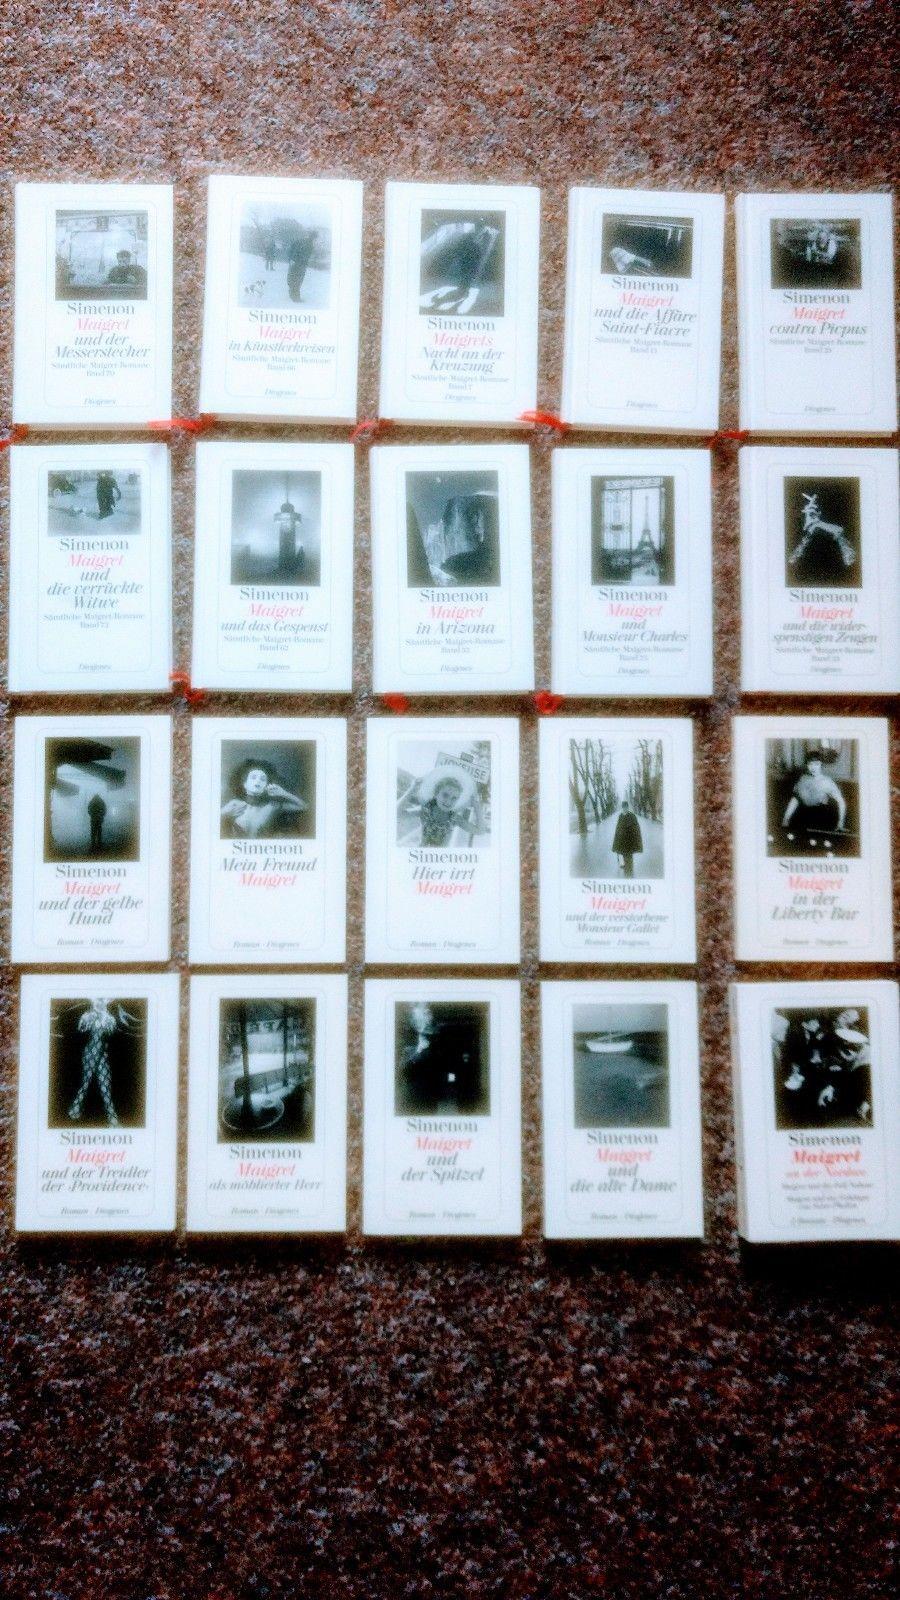 20 Maigret Krimis, Georges Simenon Roman Sammlung, Diogenes Gebunden